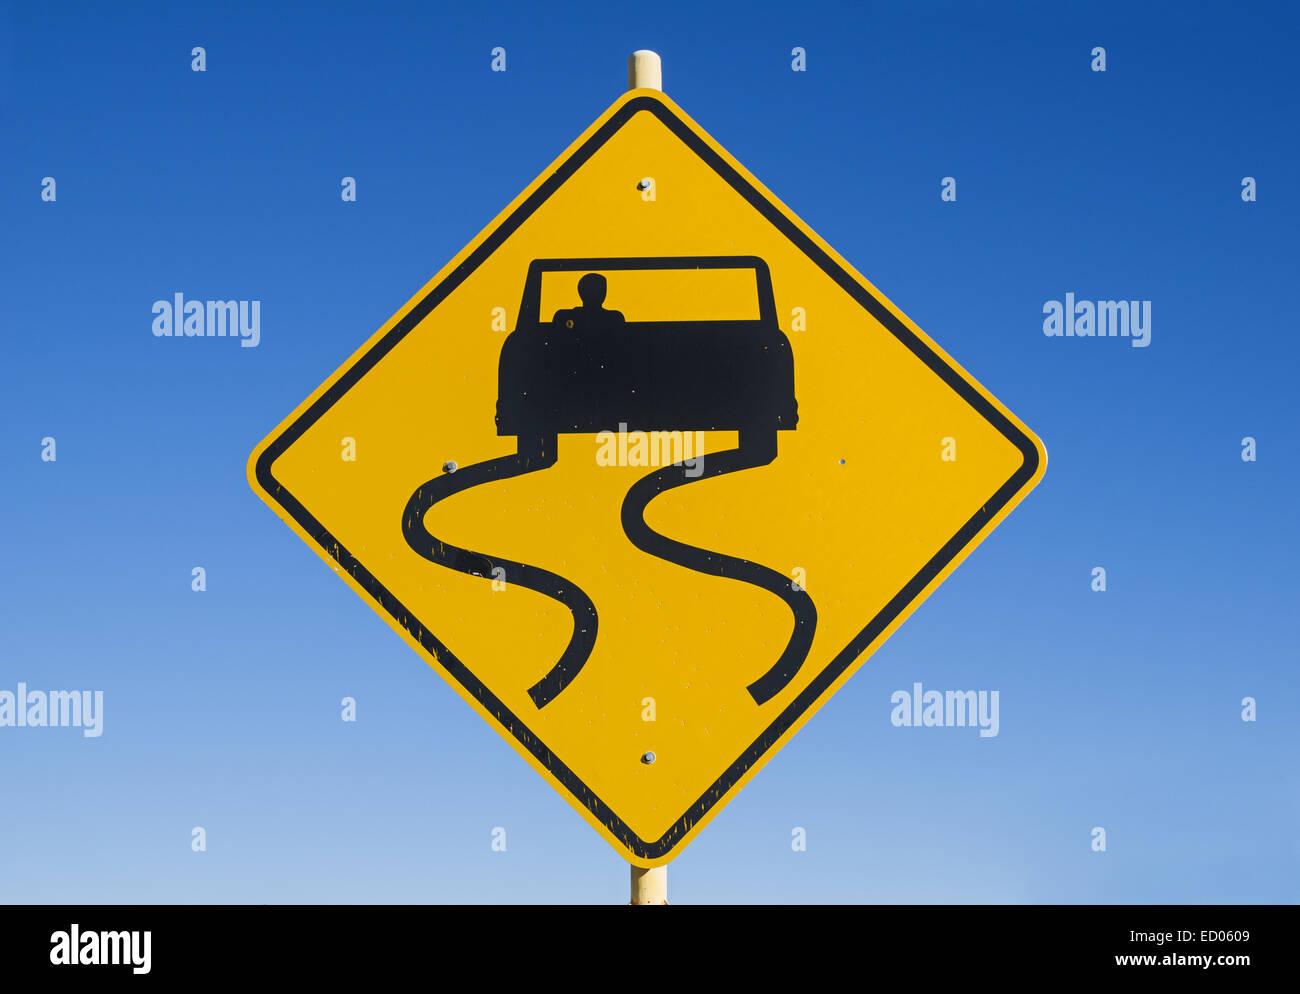 Amarillo y negro precaución carretera resbaladiza firmar con coche y marcas de deslizamiento con fondo de cielo Imagen De Stock